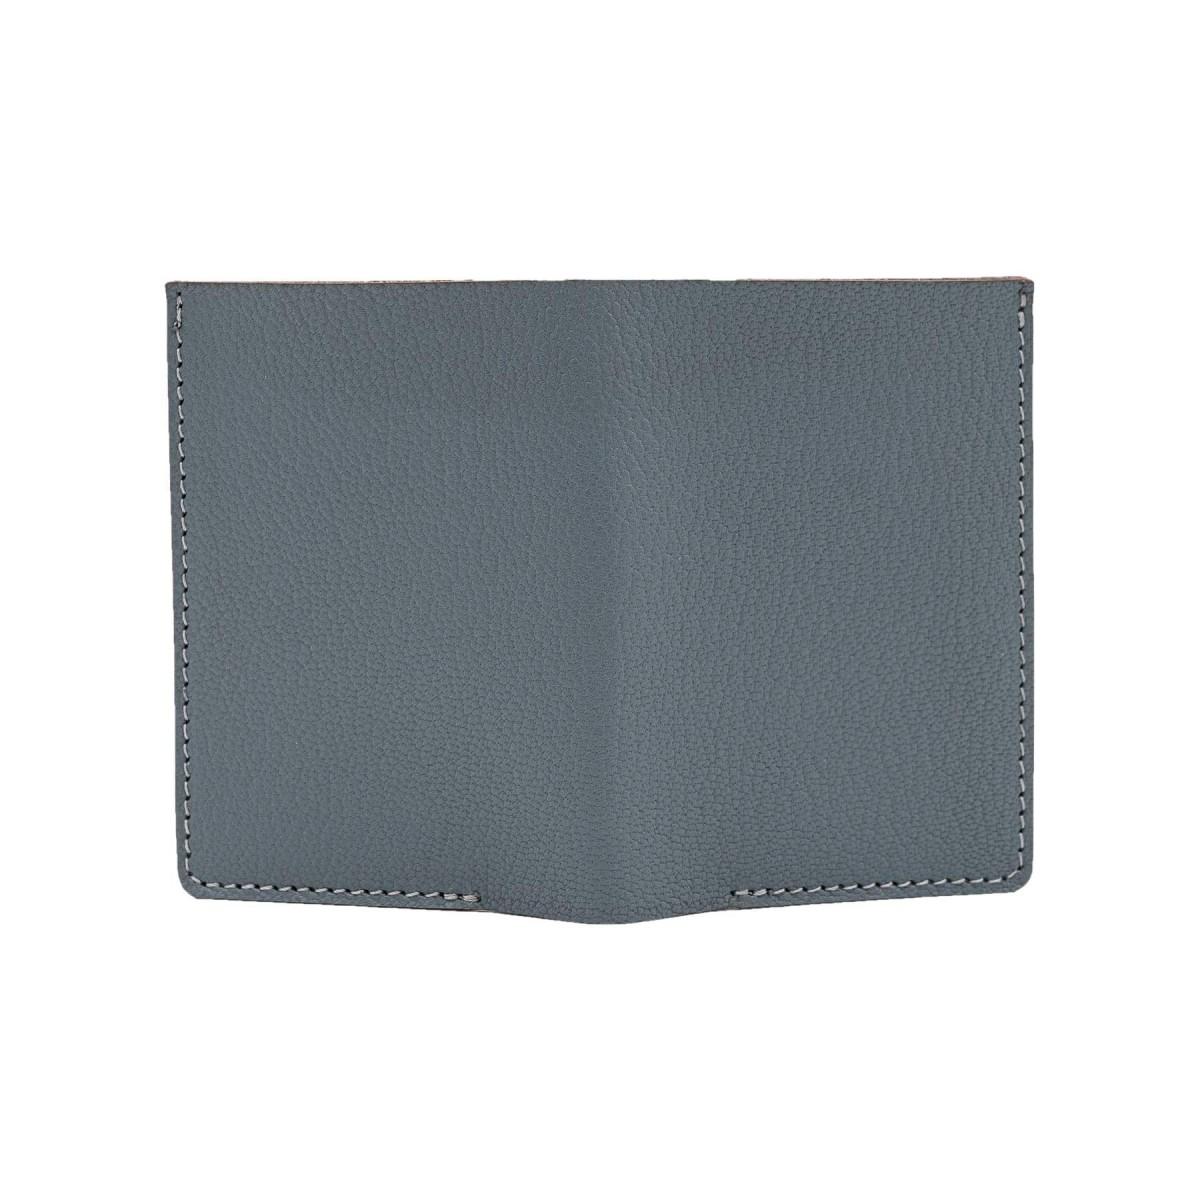 Mini Portemonnaie in grau - aus premium pflanzlich gegerbten Ziegenleder